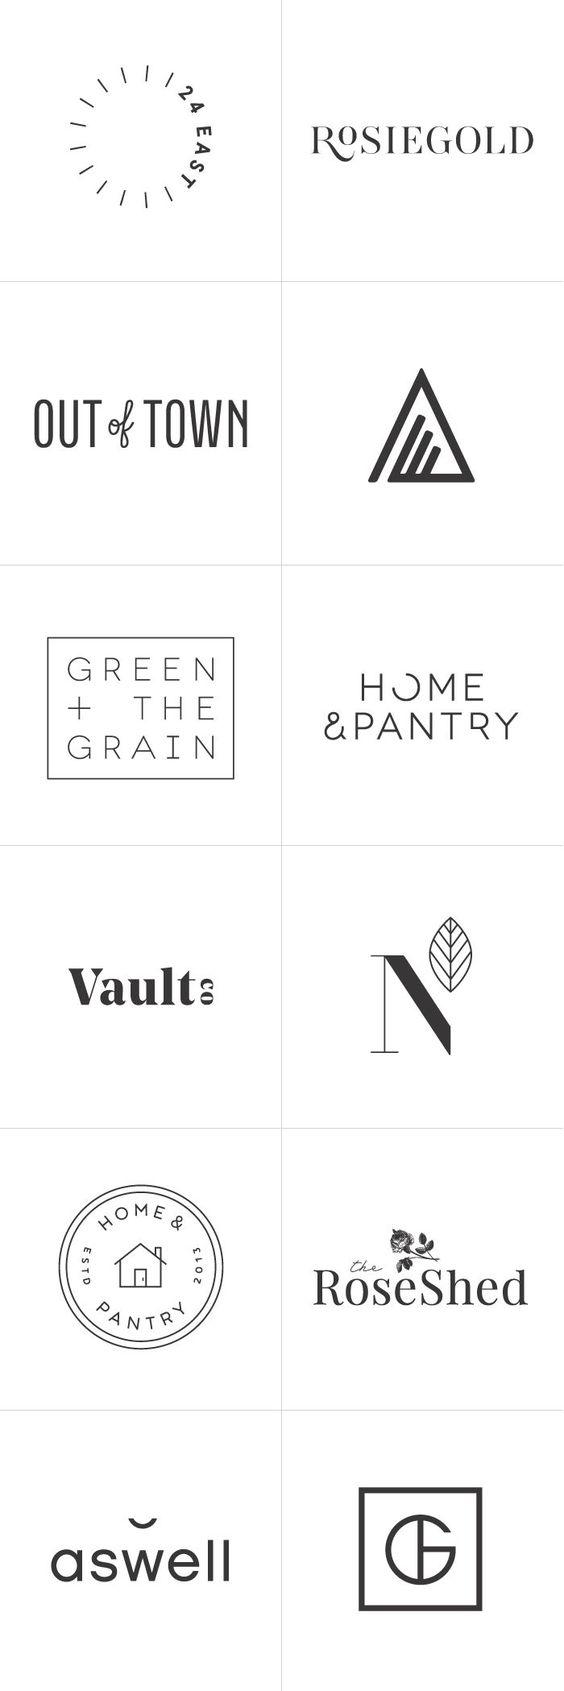 Las cinco reglas para diseñar un logotipo